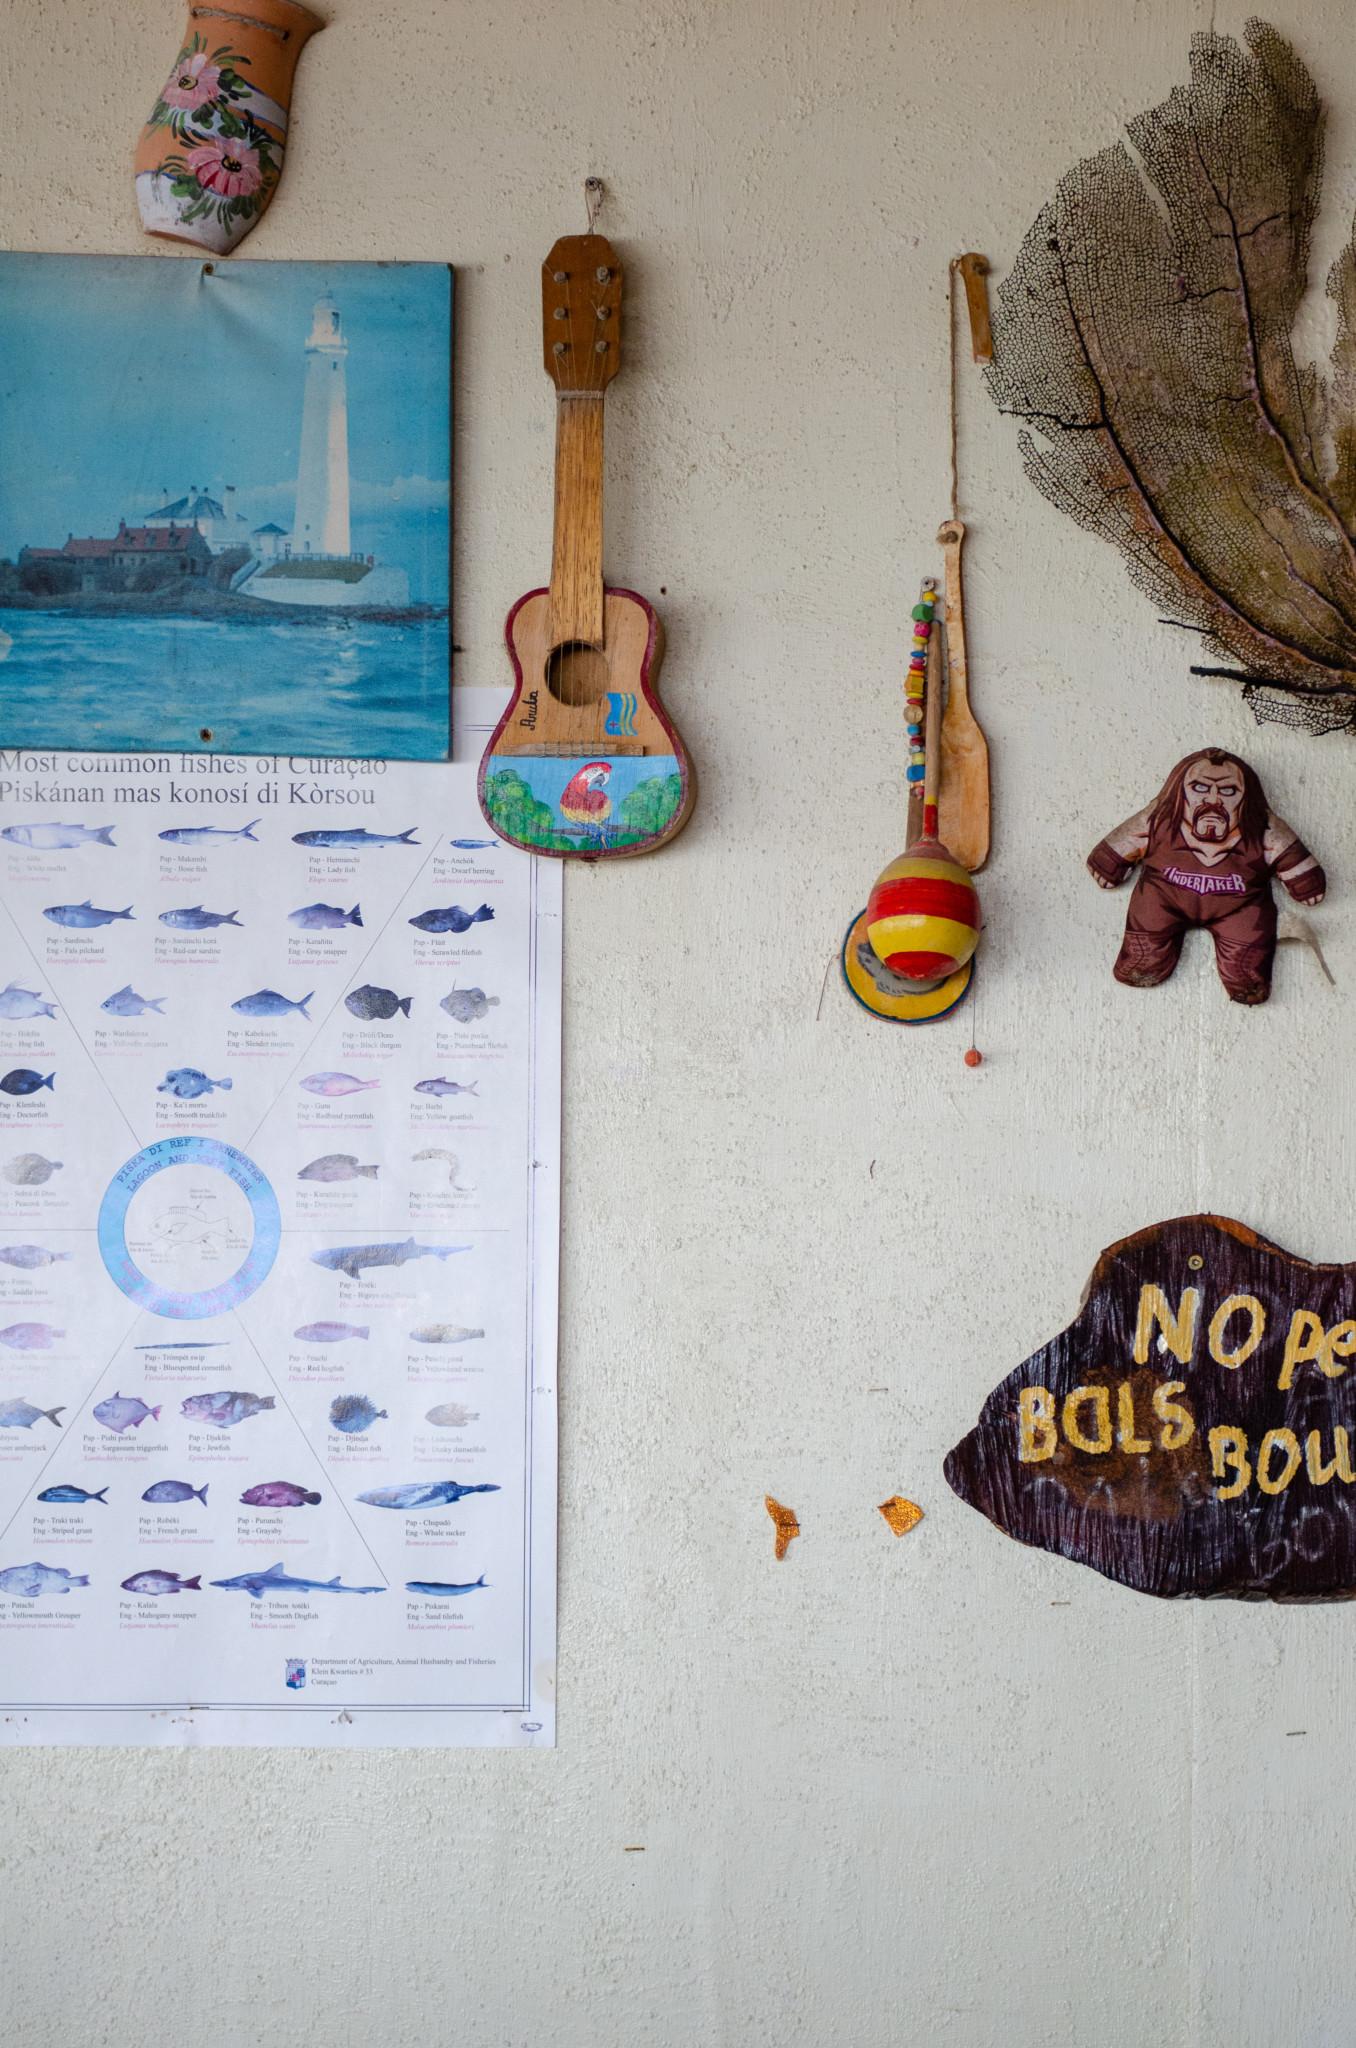 Dekoration im Purunchi auf Curacao